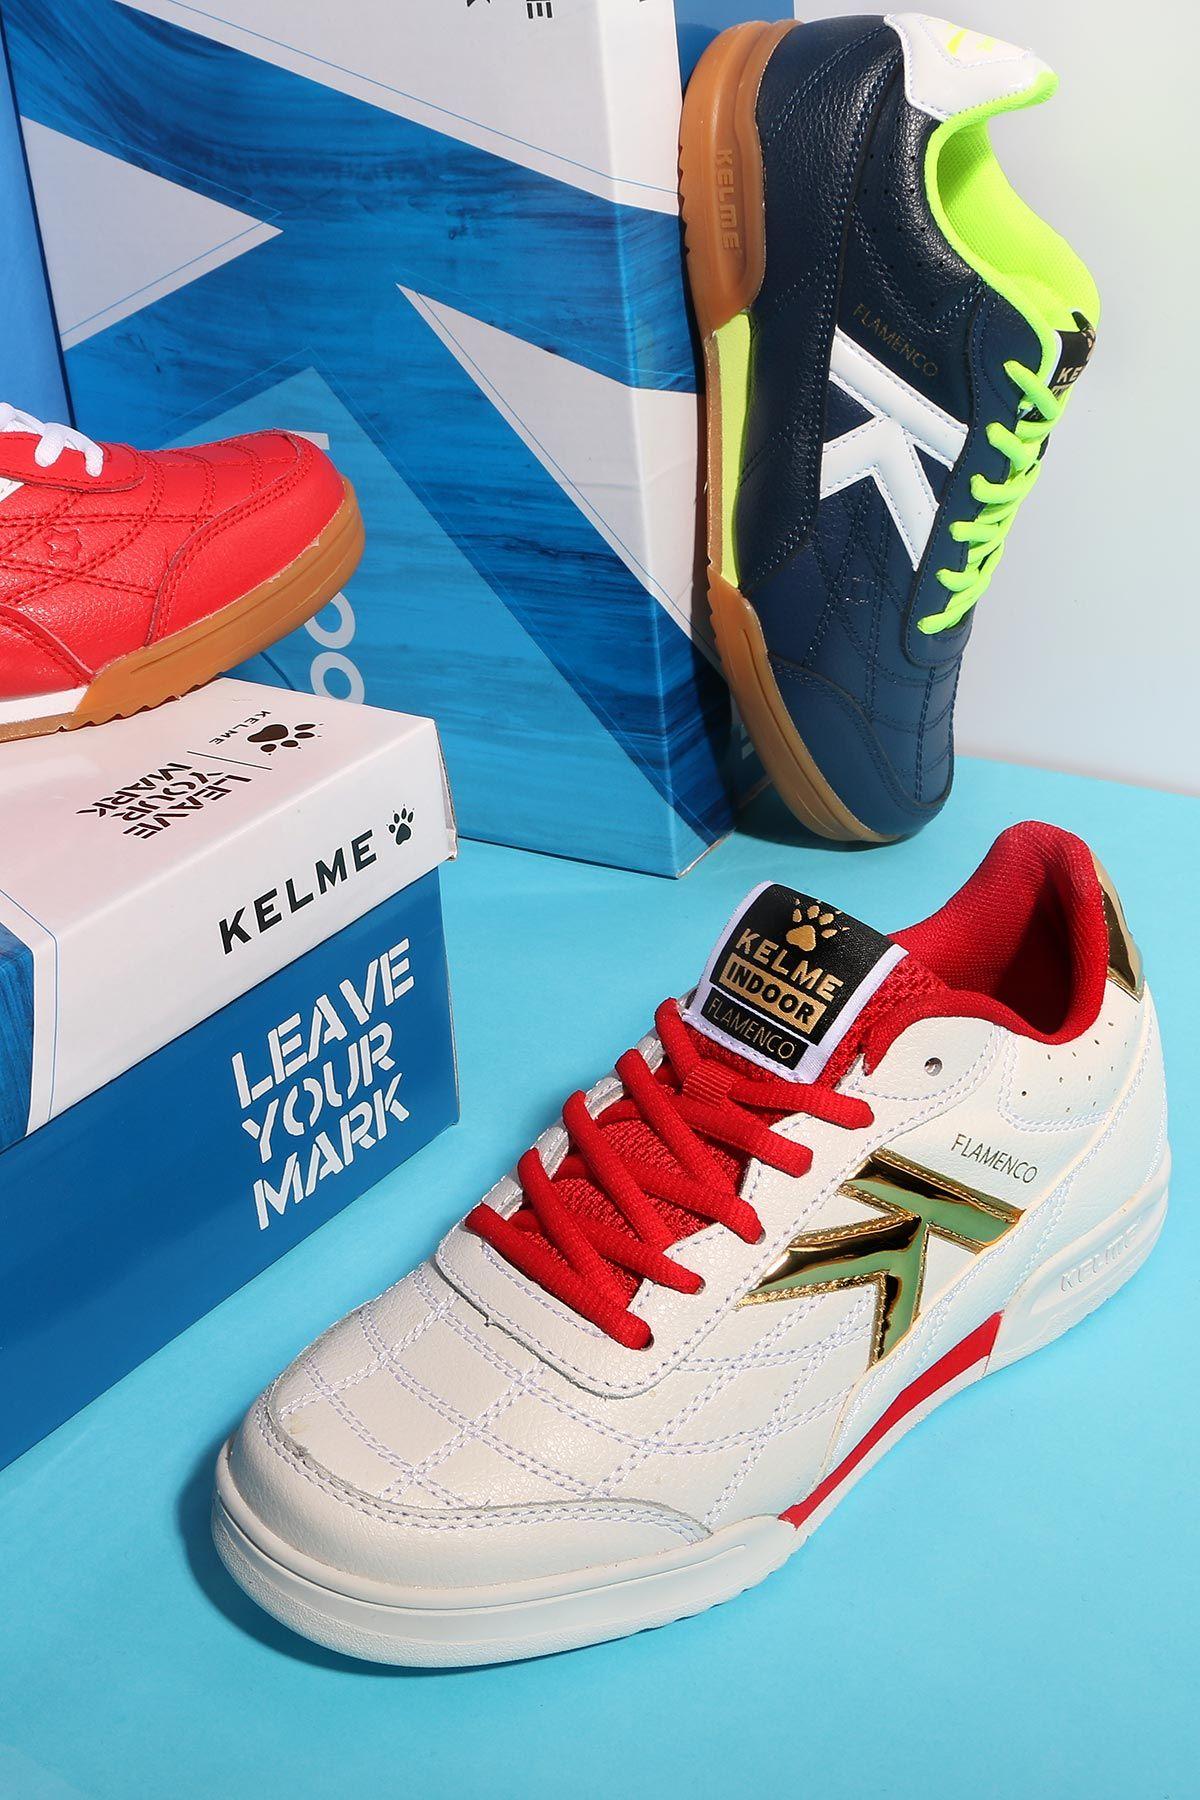 new style 114da cb465 ¡Con los mejores materiales y las últimas tecnologías! Hazte ya con las  nuevas zapatillas